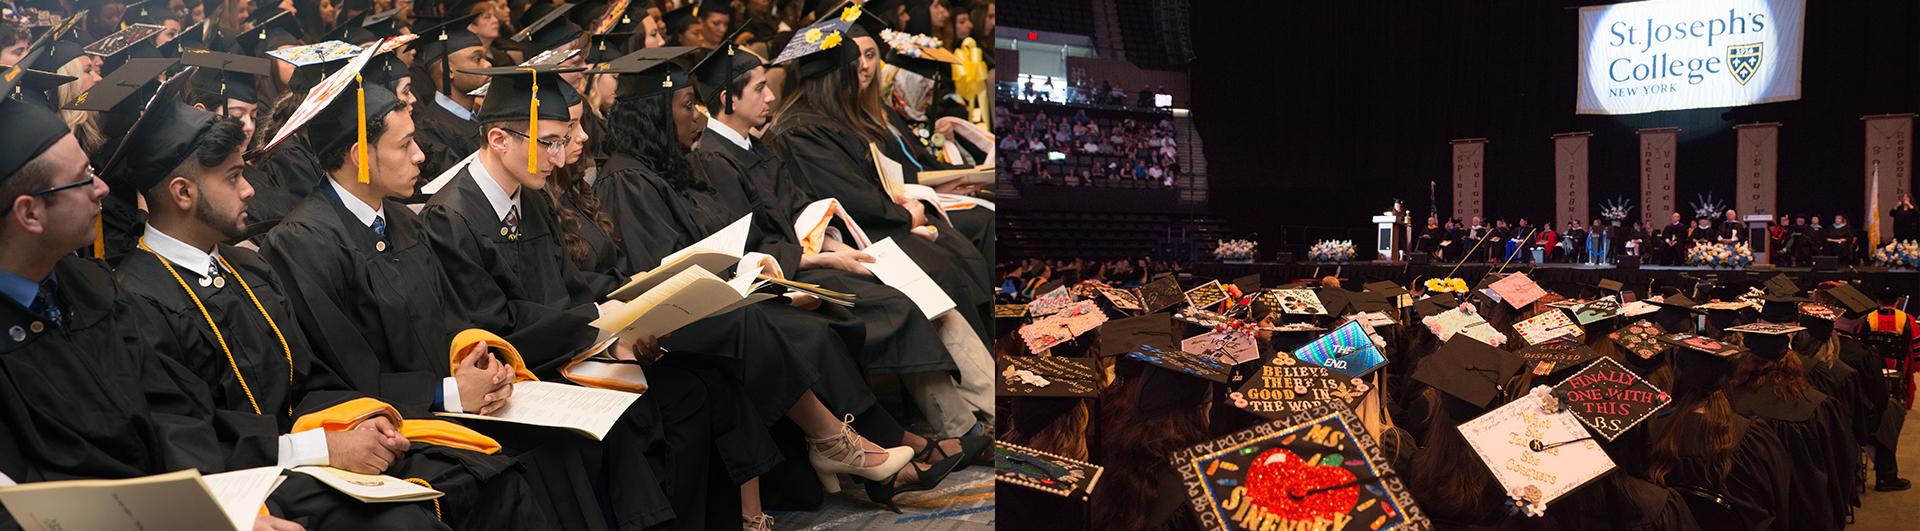 St. Joseph's College 2018 graduation ceremonies.